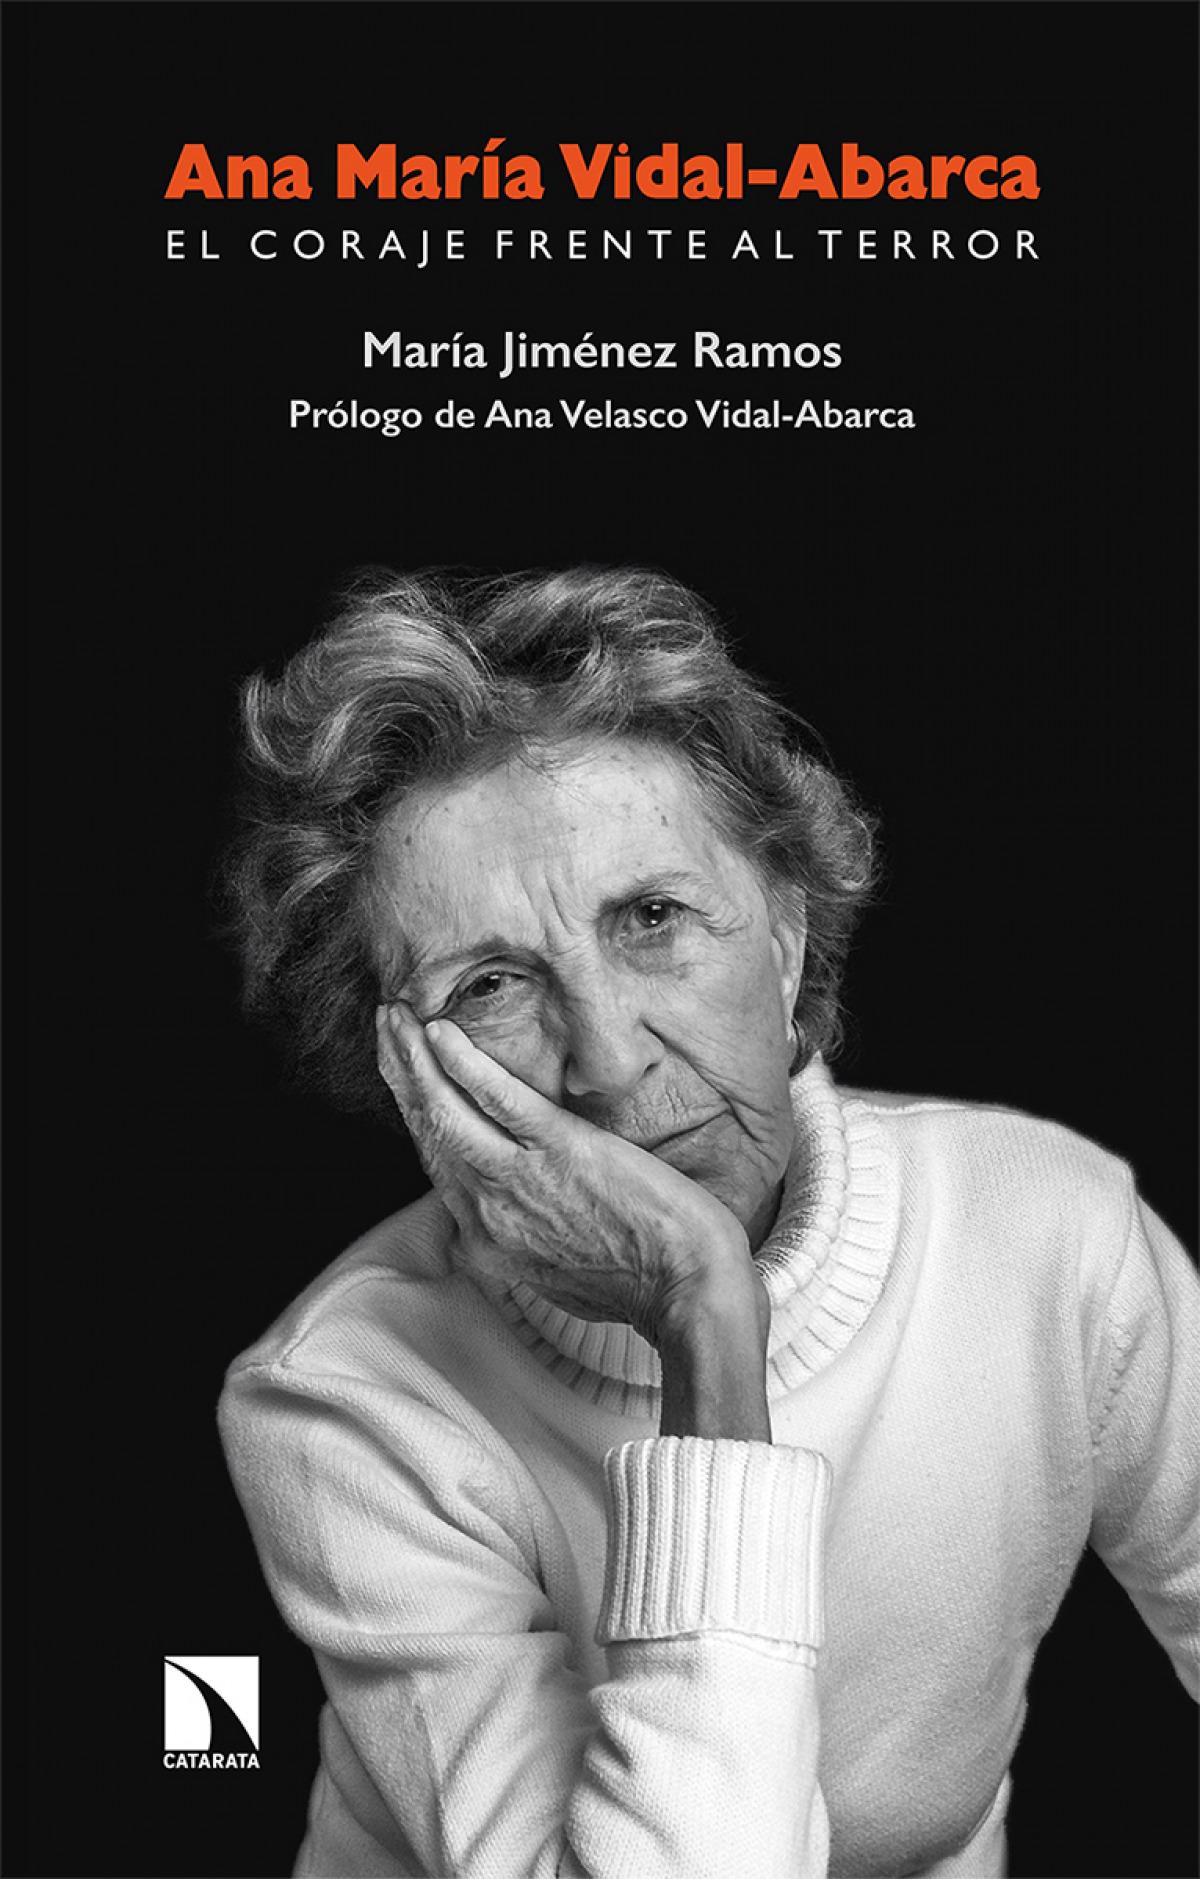 Ana Mar¡a Vidal-Abarca. El coraje frente al terror